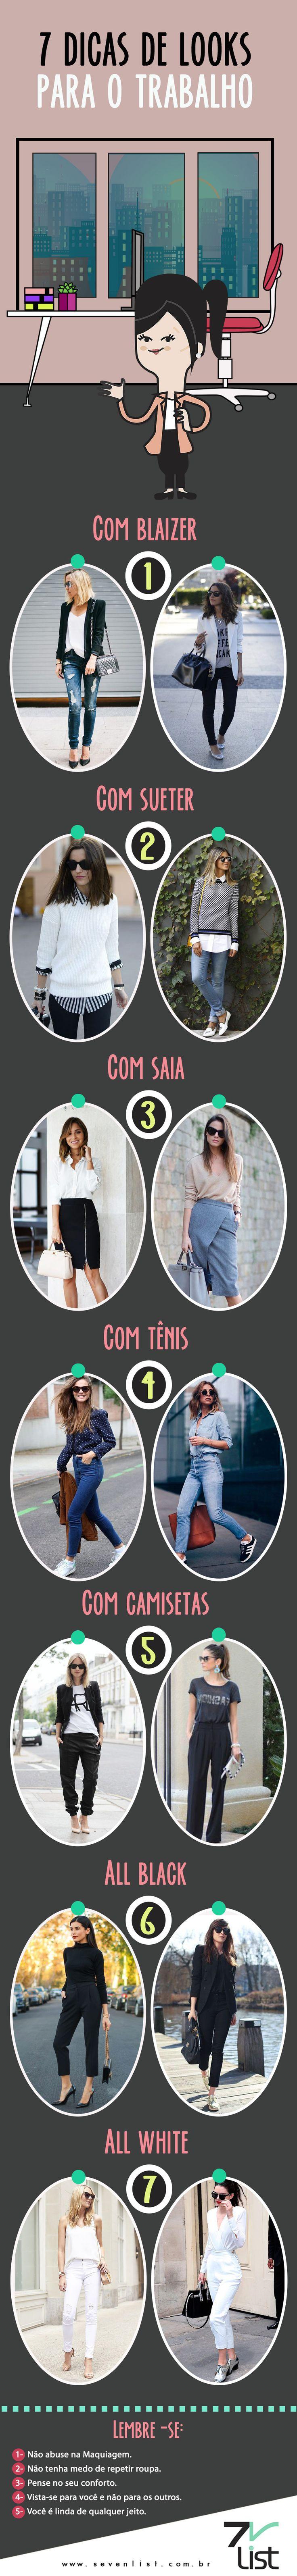 Confira 7 dicas de looks para usar no trabalho.